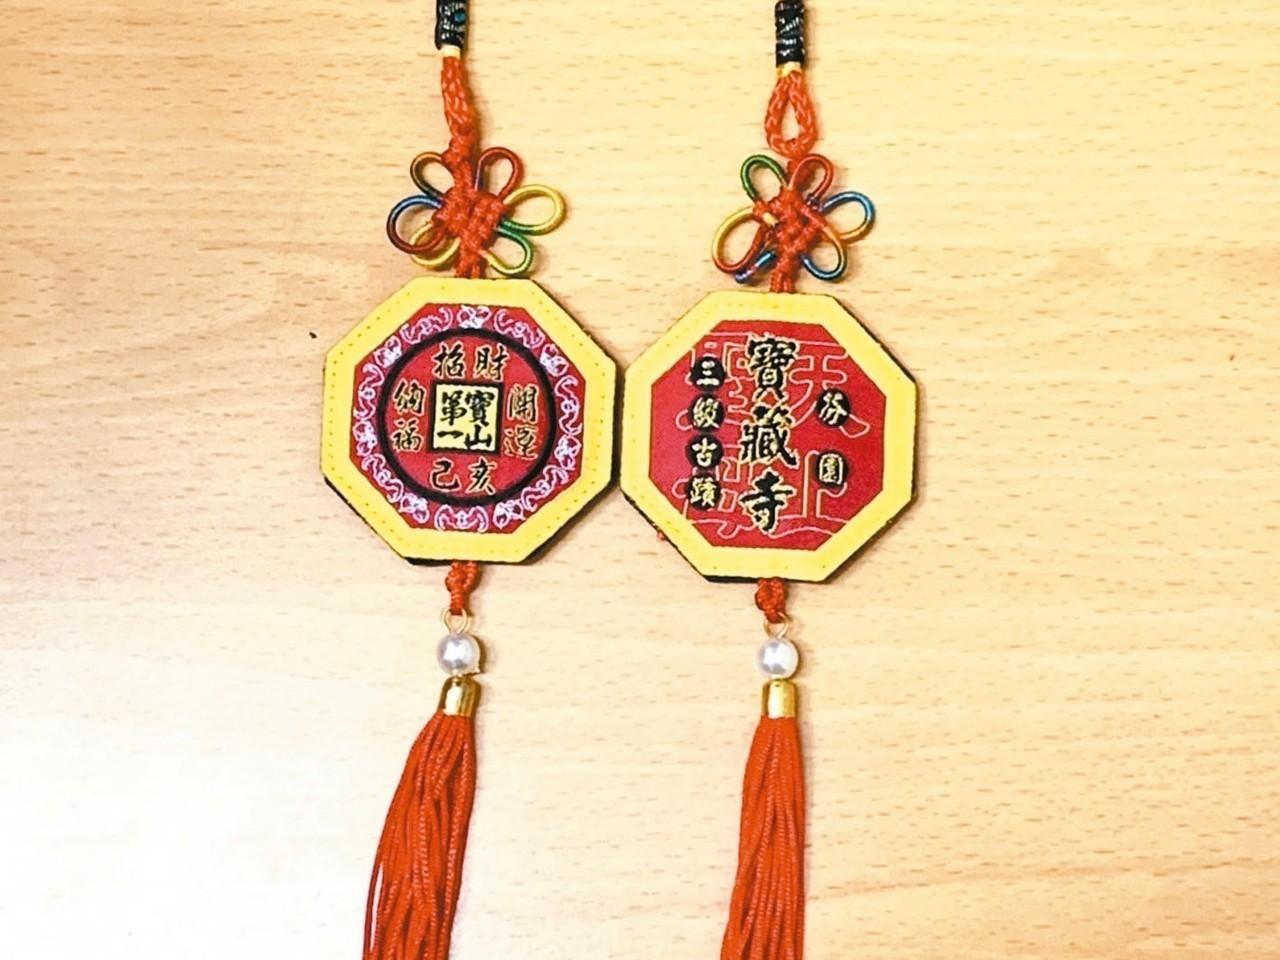 彰化芬園寶藏寺今年將錢母做成吊飾。 寶藏寺/提供